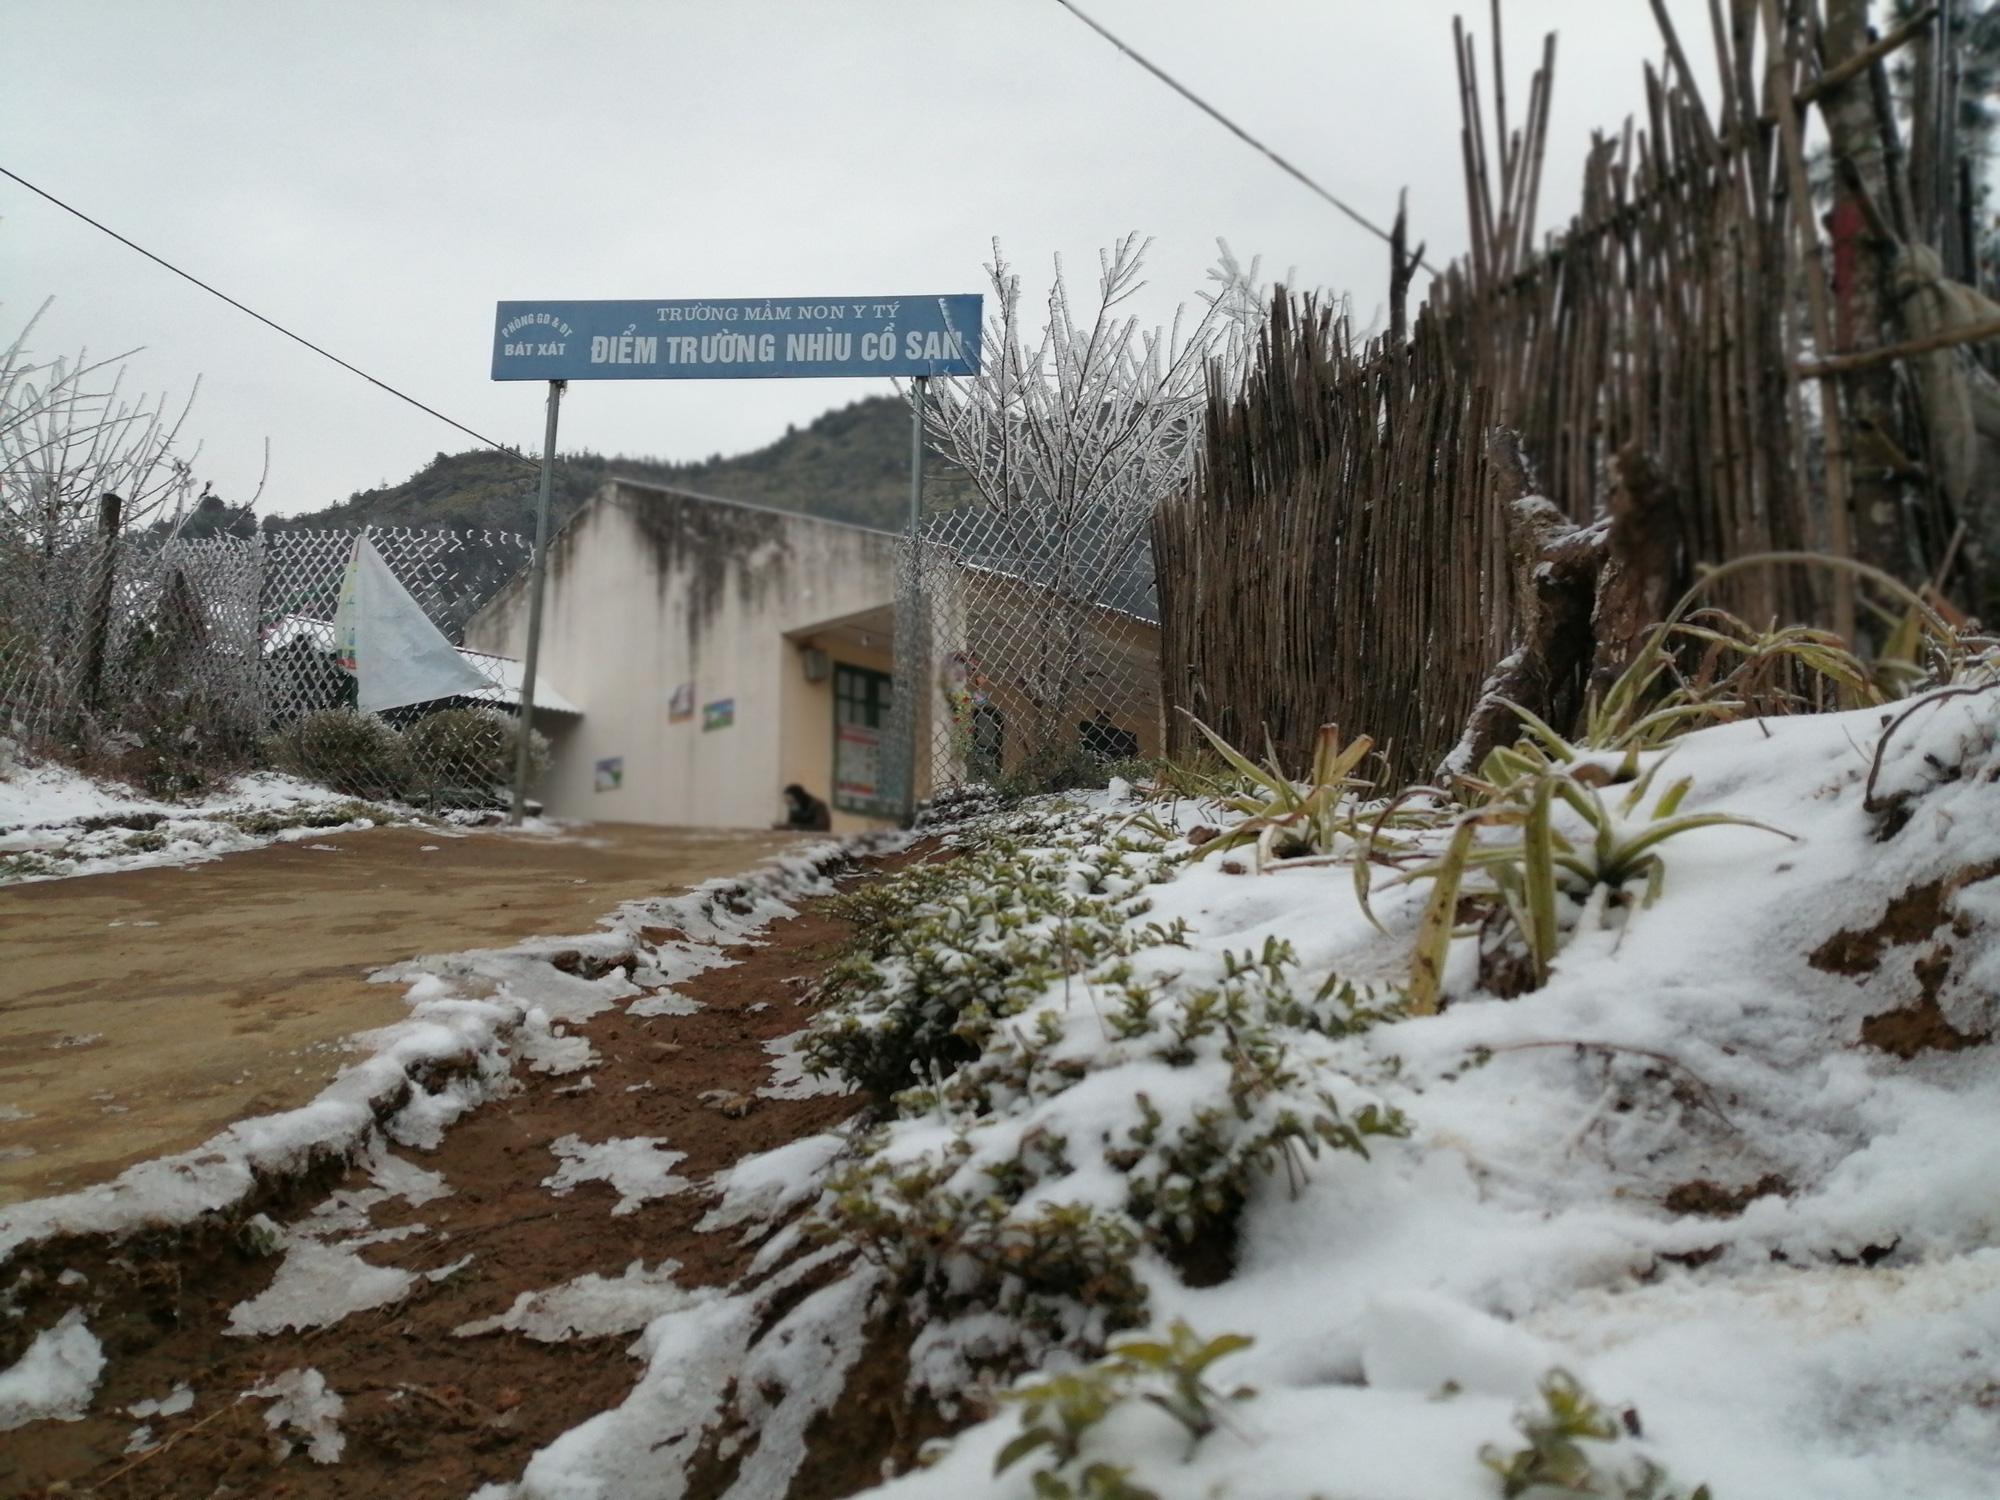 Lào Cai: Lạnh -3 độ C, Y Tý ngày tuyết rơi như chiếc tủ lạnh khổng lồ, đẹp như trời Âu - Ảnh 11.